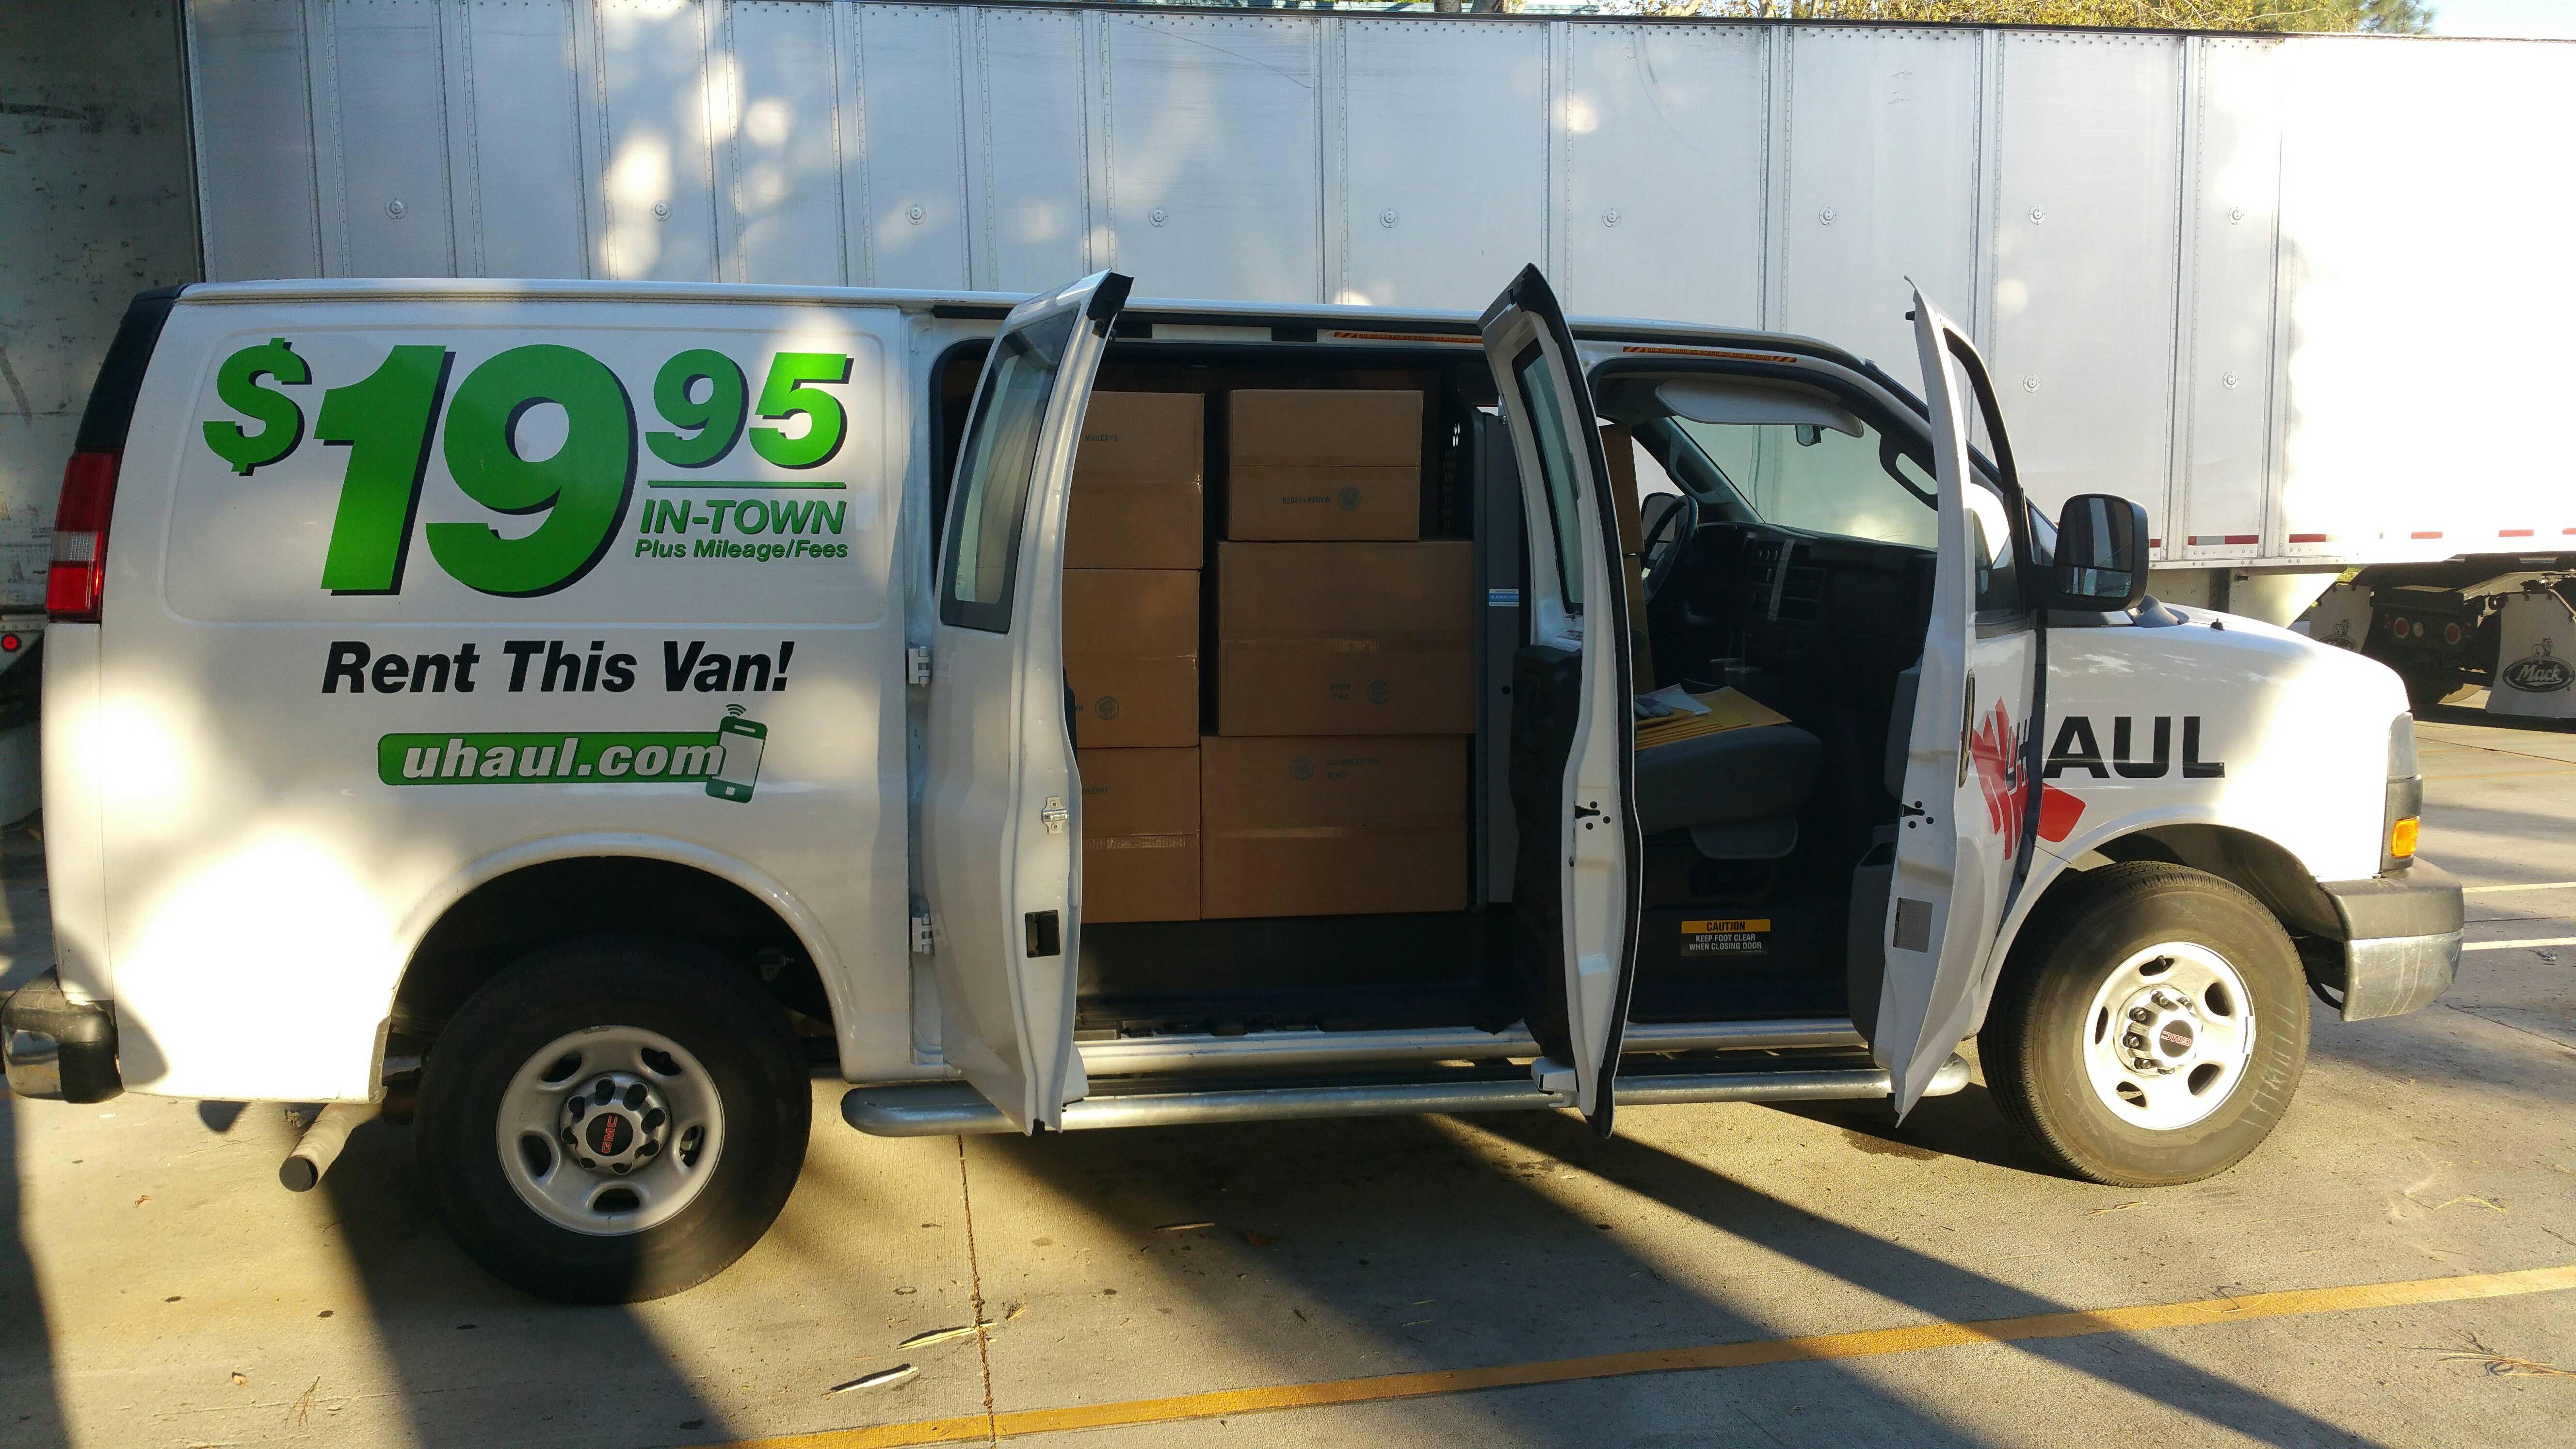 U Haul Cargo Van With Images Vans Cargo Van Haul